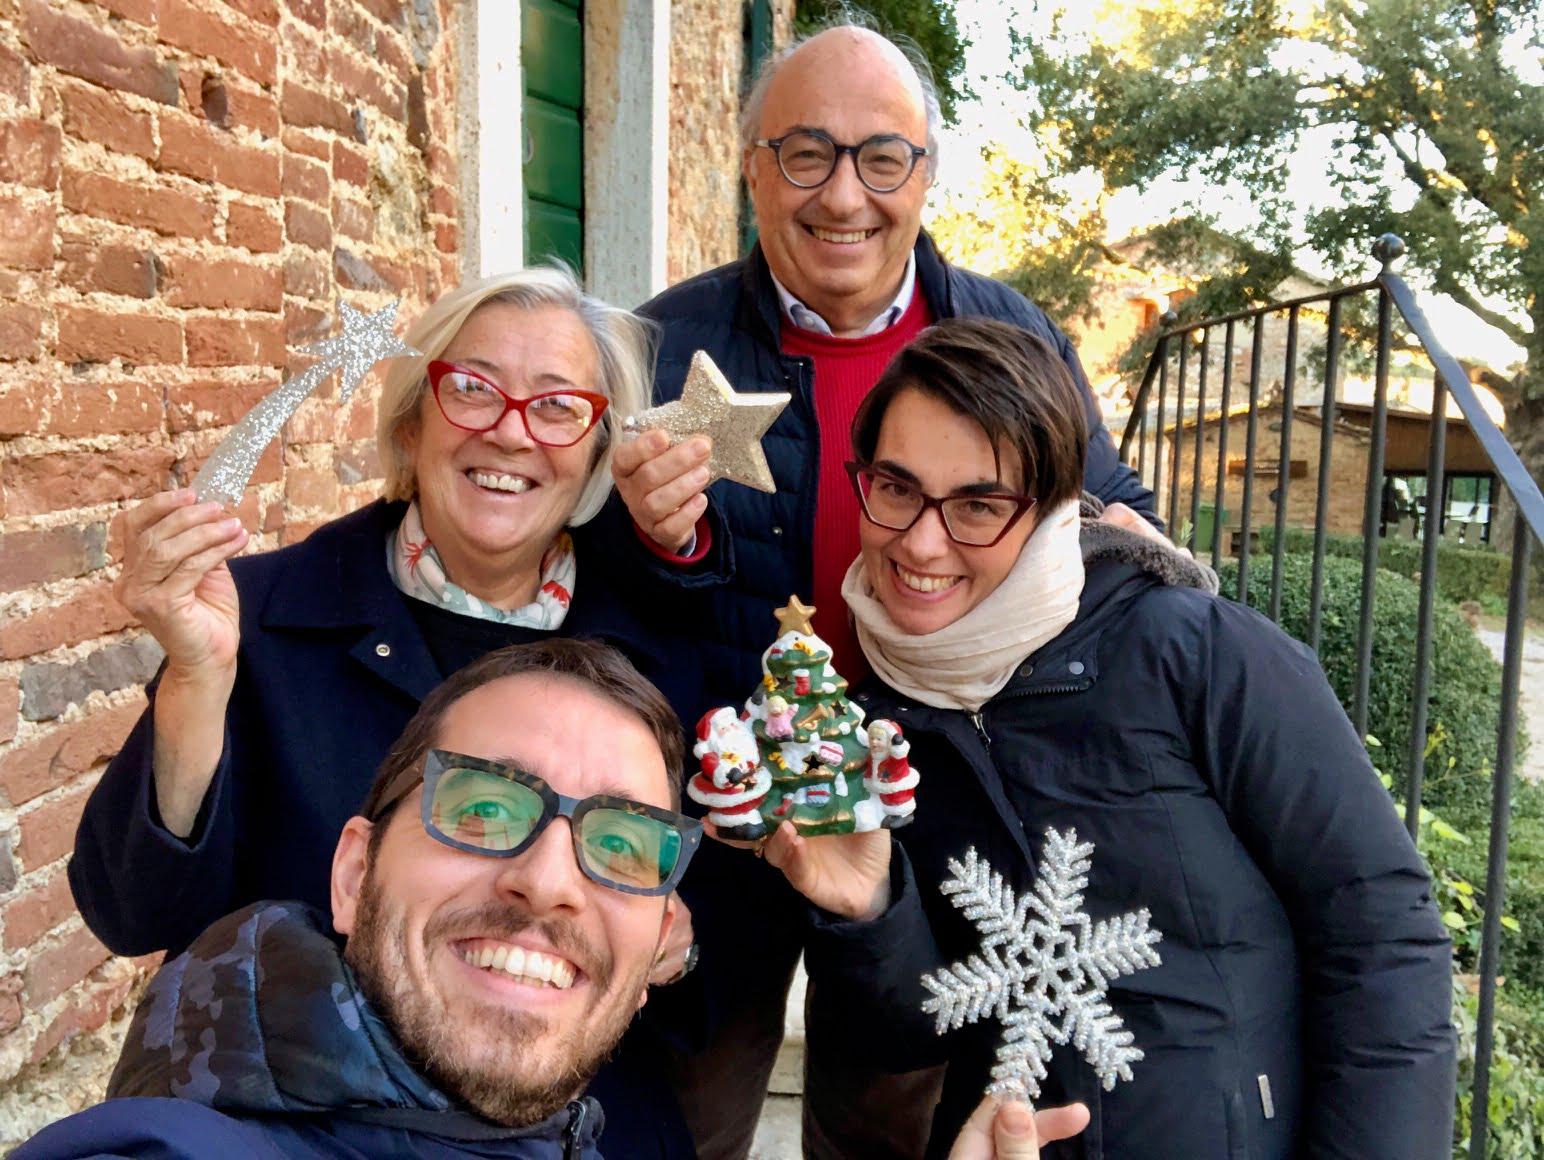 Buon-Natale-CinelliColombini-family